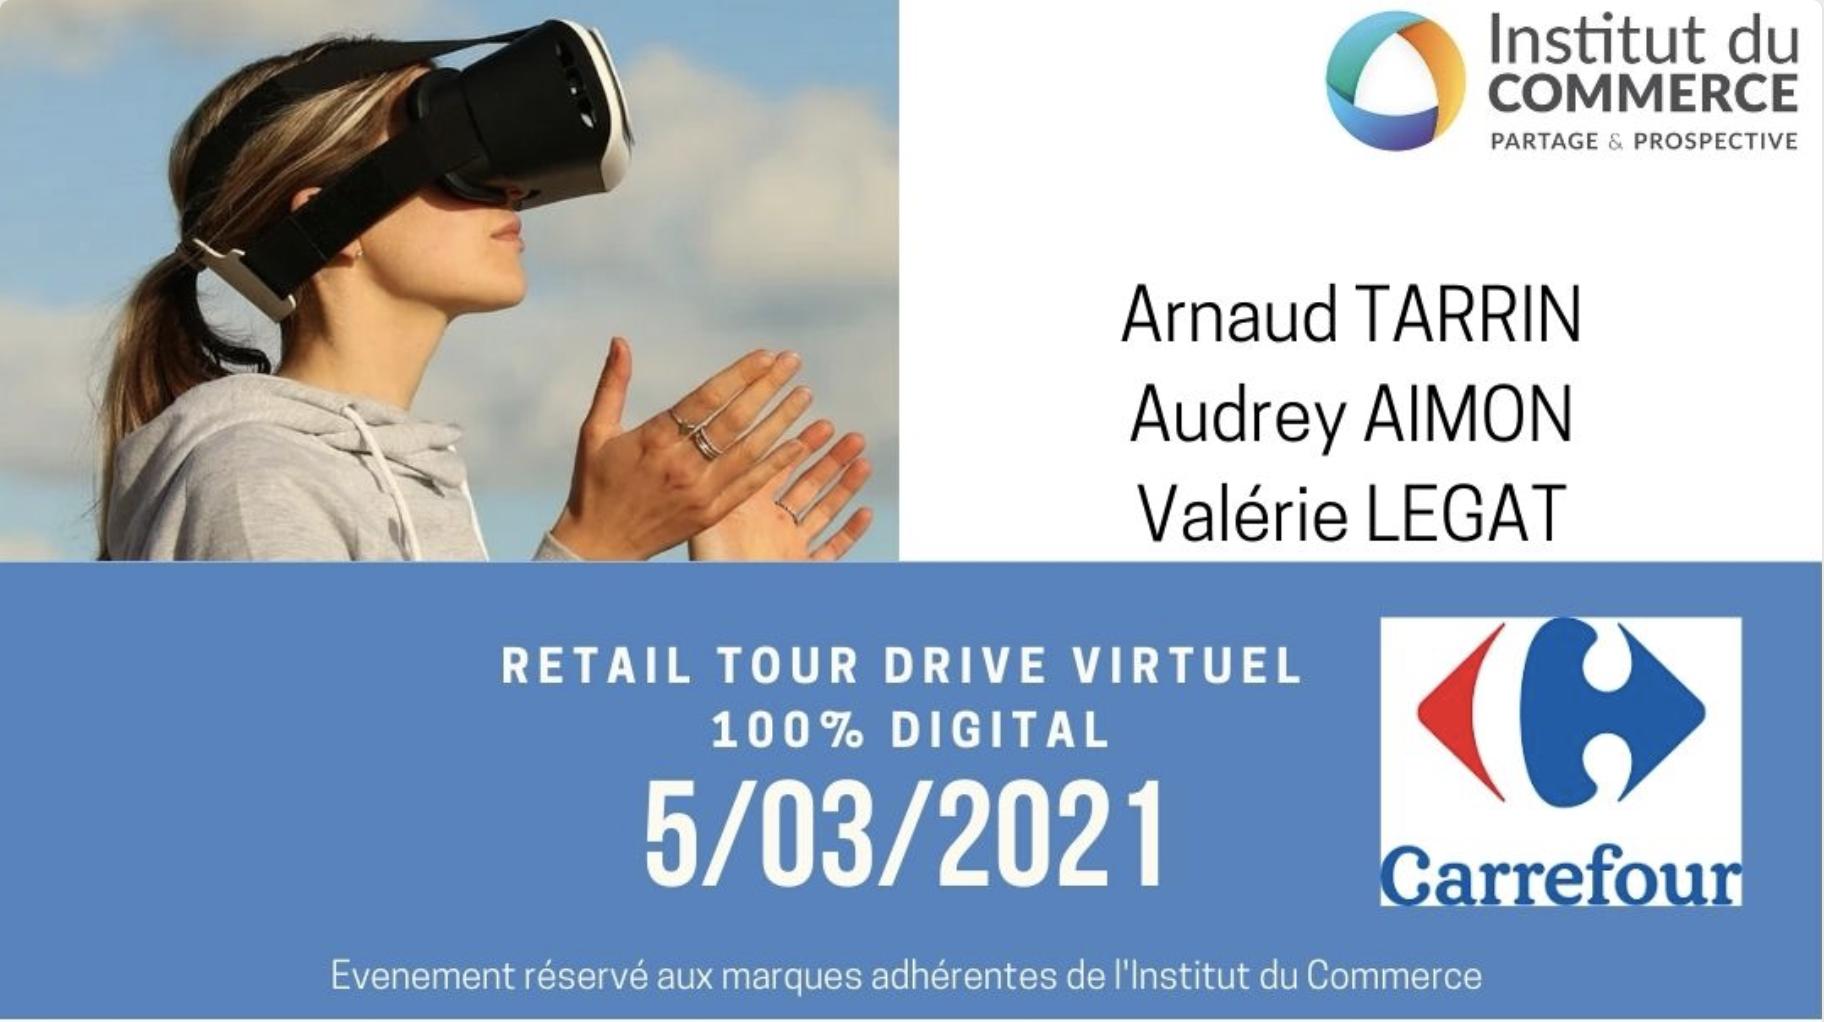 Retail Tour Virtuel E-commerce Carrefour